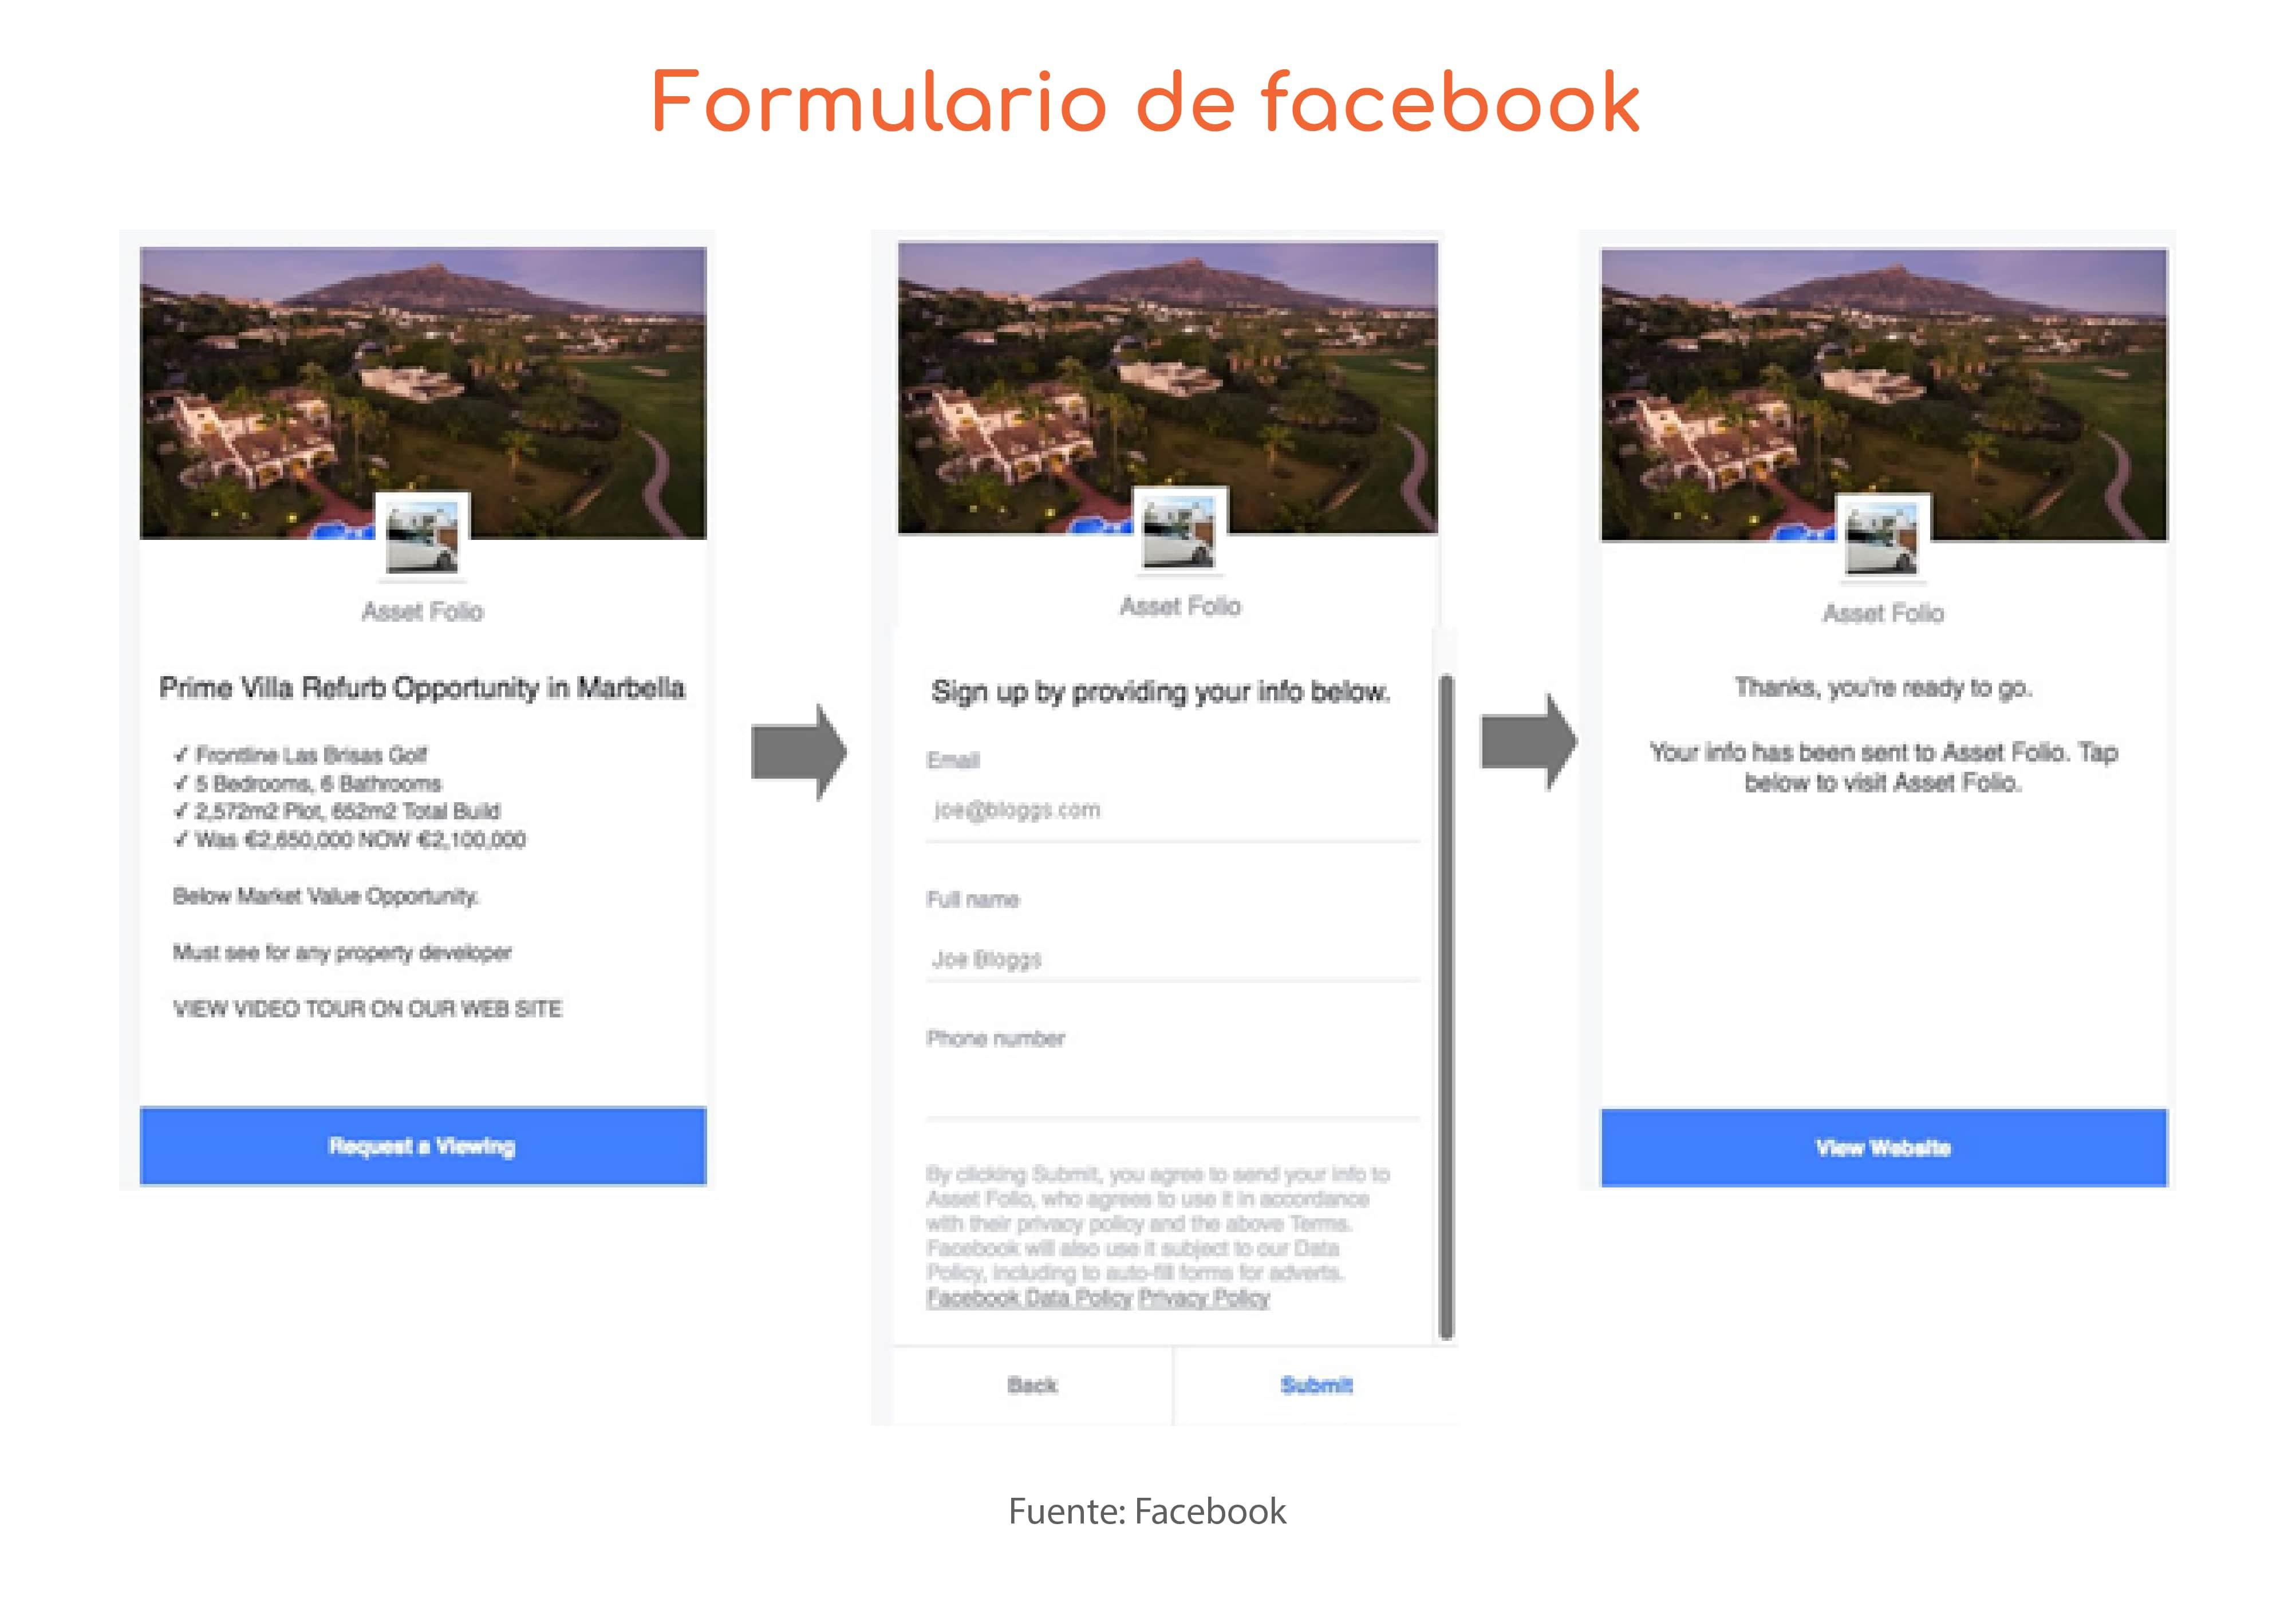 leads generation que es email marketing  como hacer email marketing gratis campañas de mailing estrategias de email marketing ¿Cúal es la mejor herramienta de email marketing? diseño marki voluntariado marki